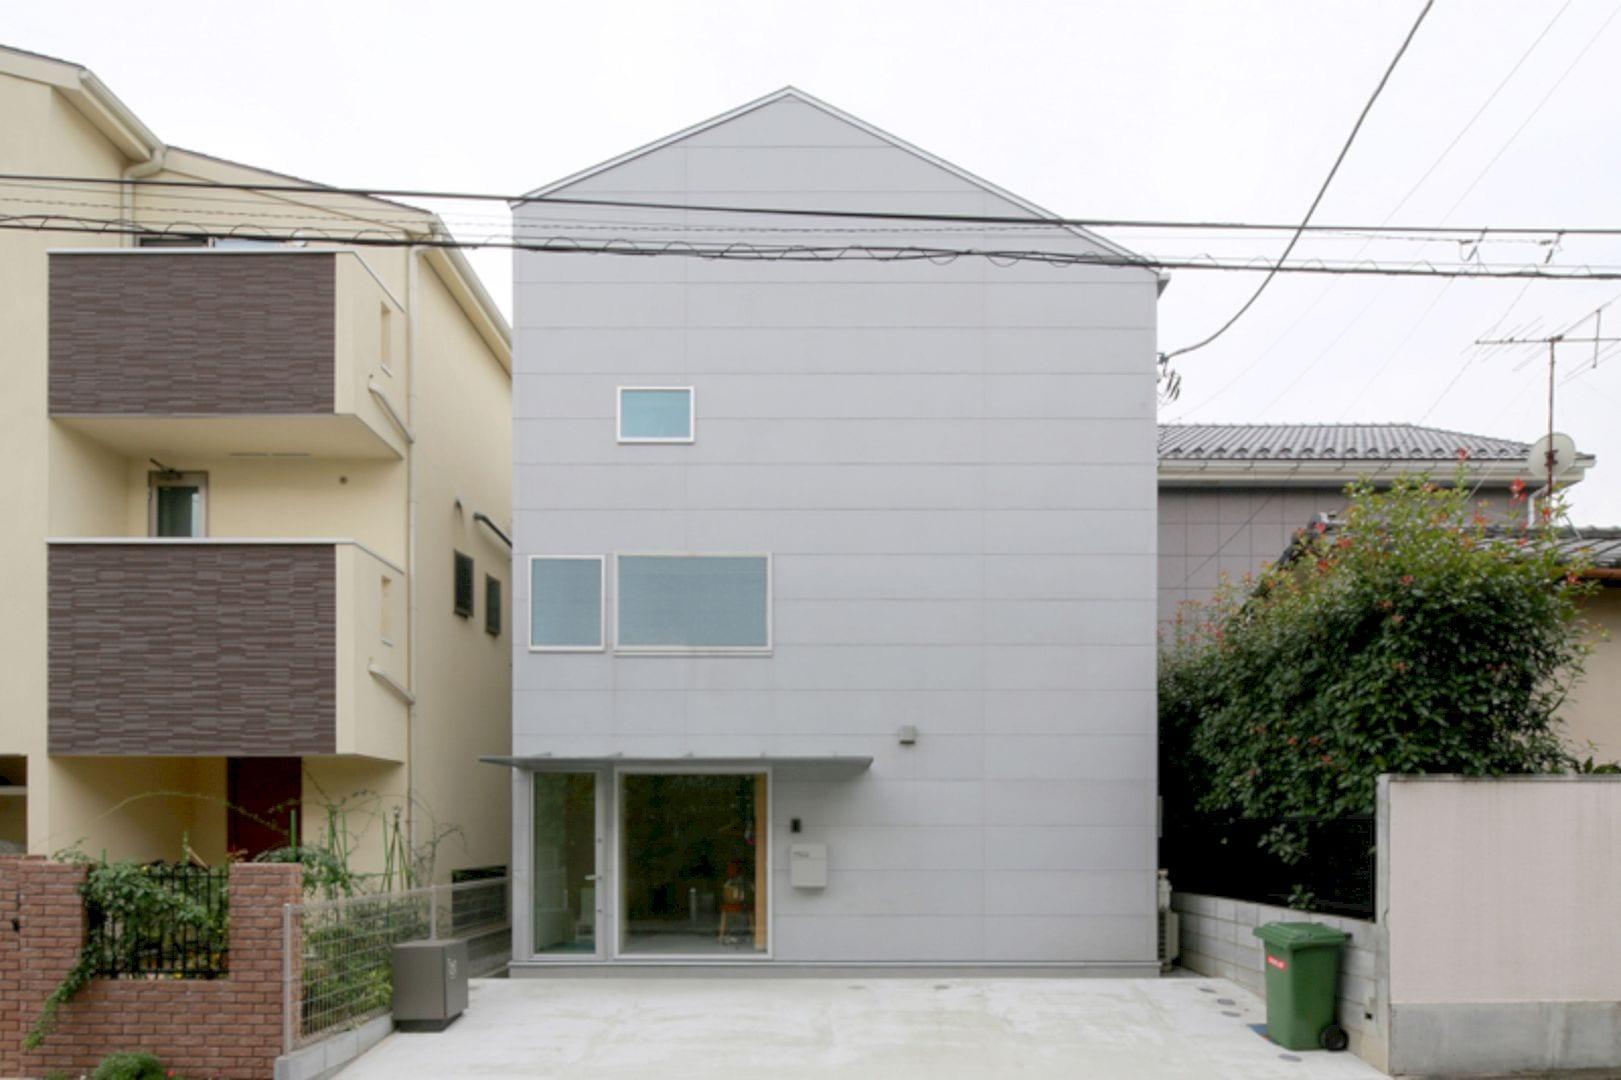 House D 1